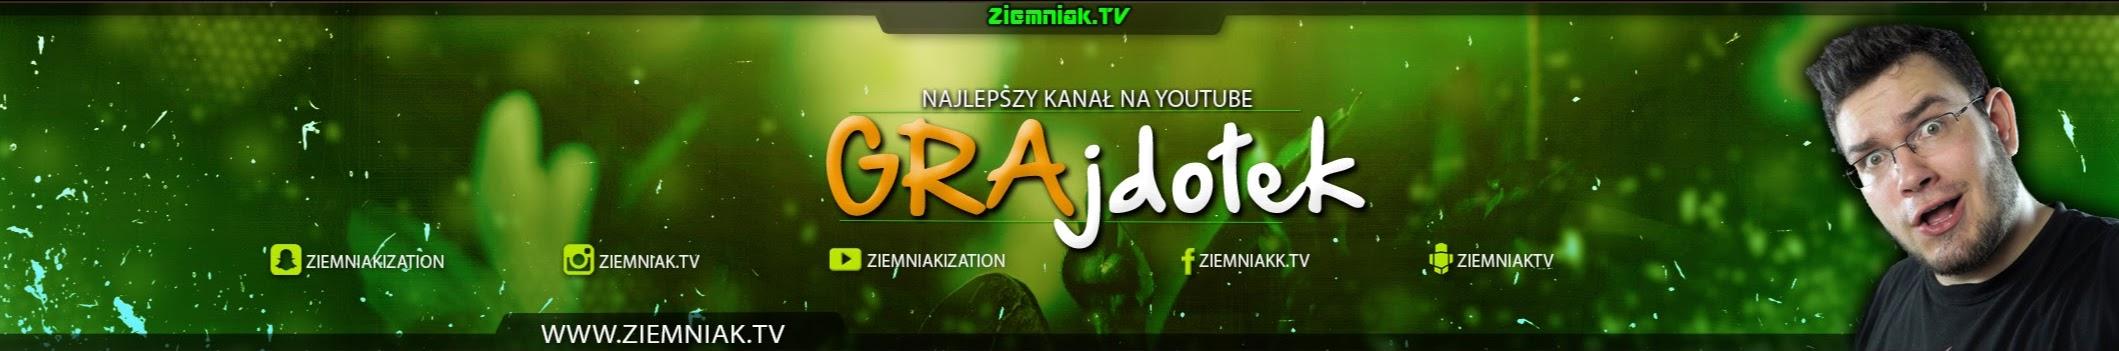 Ziemniak.TV | GRAjdołek